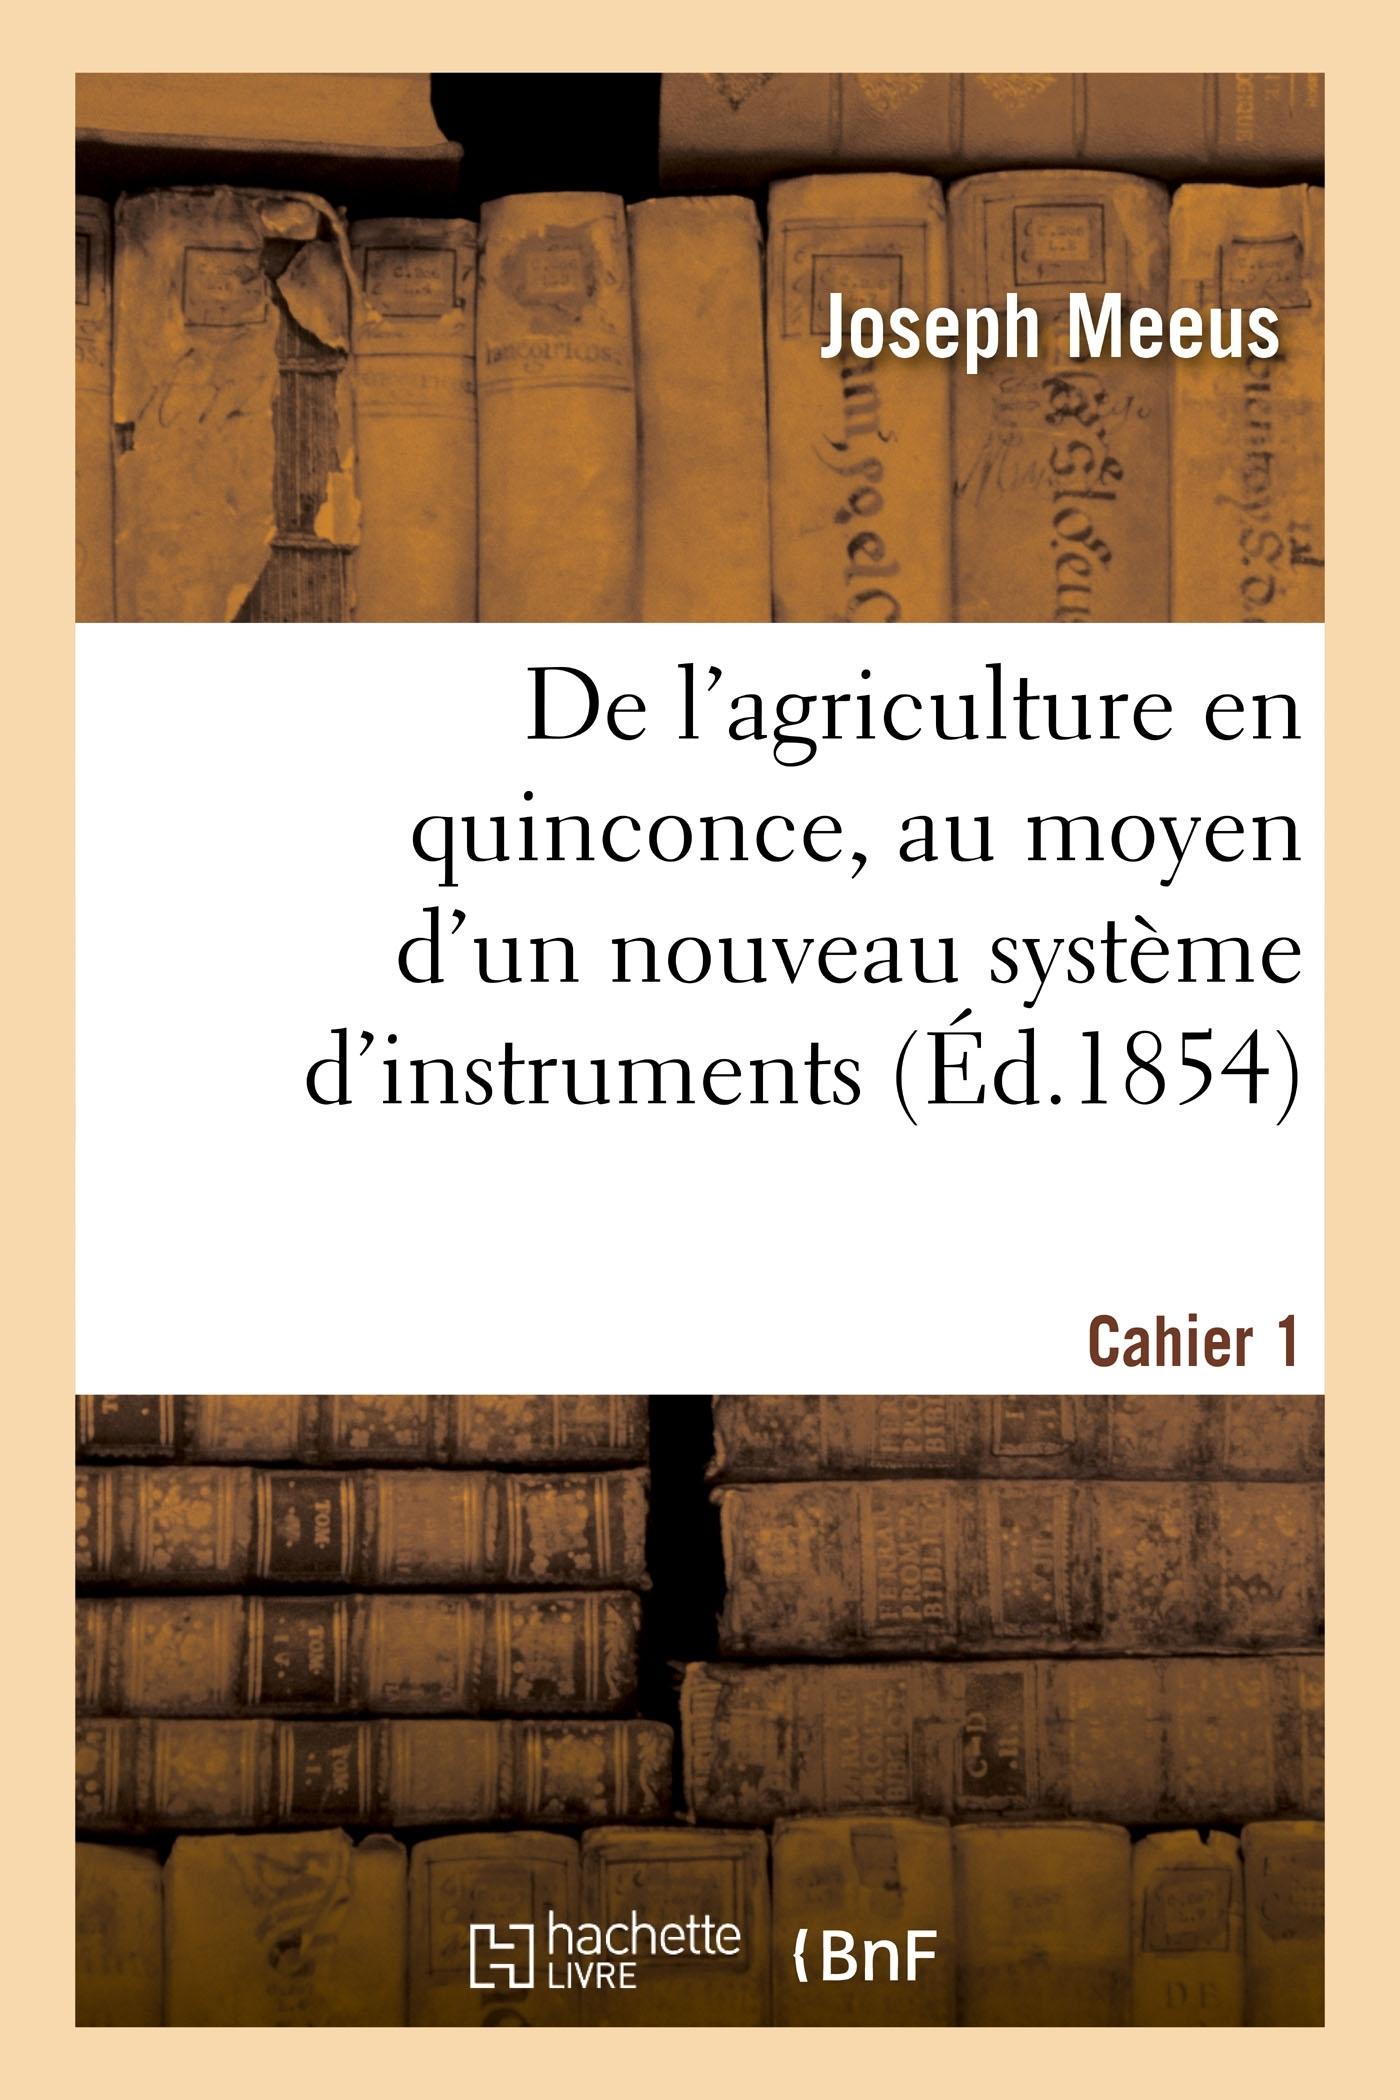 DE L'AGRICULTURE EN QUINCONCE, AU MOYEN D'UN NOUVEAU SYSTEME D'INSTRUMENTS - DU RAYONNEUR-SARCLOIR,